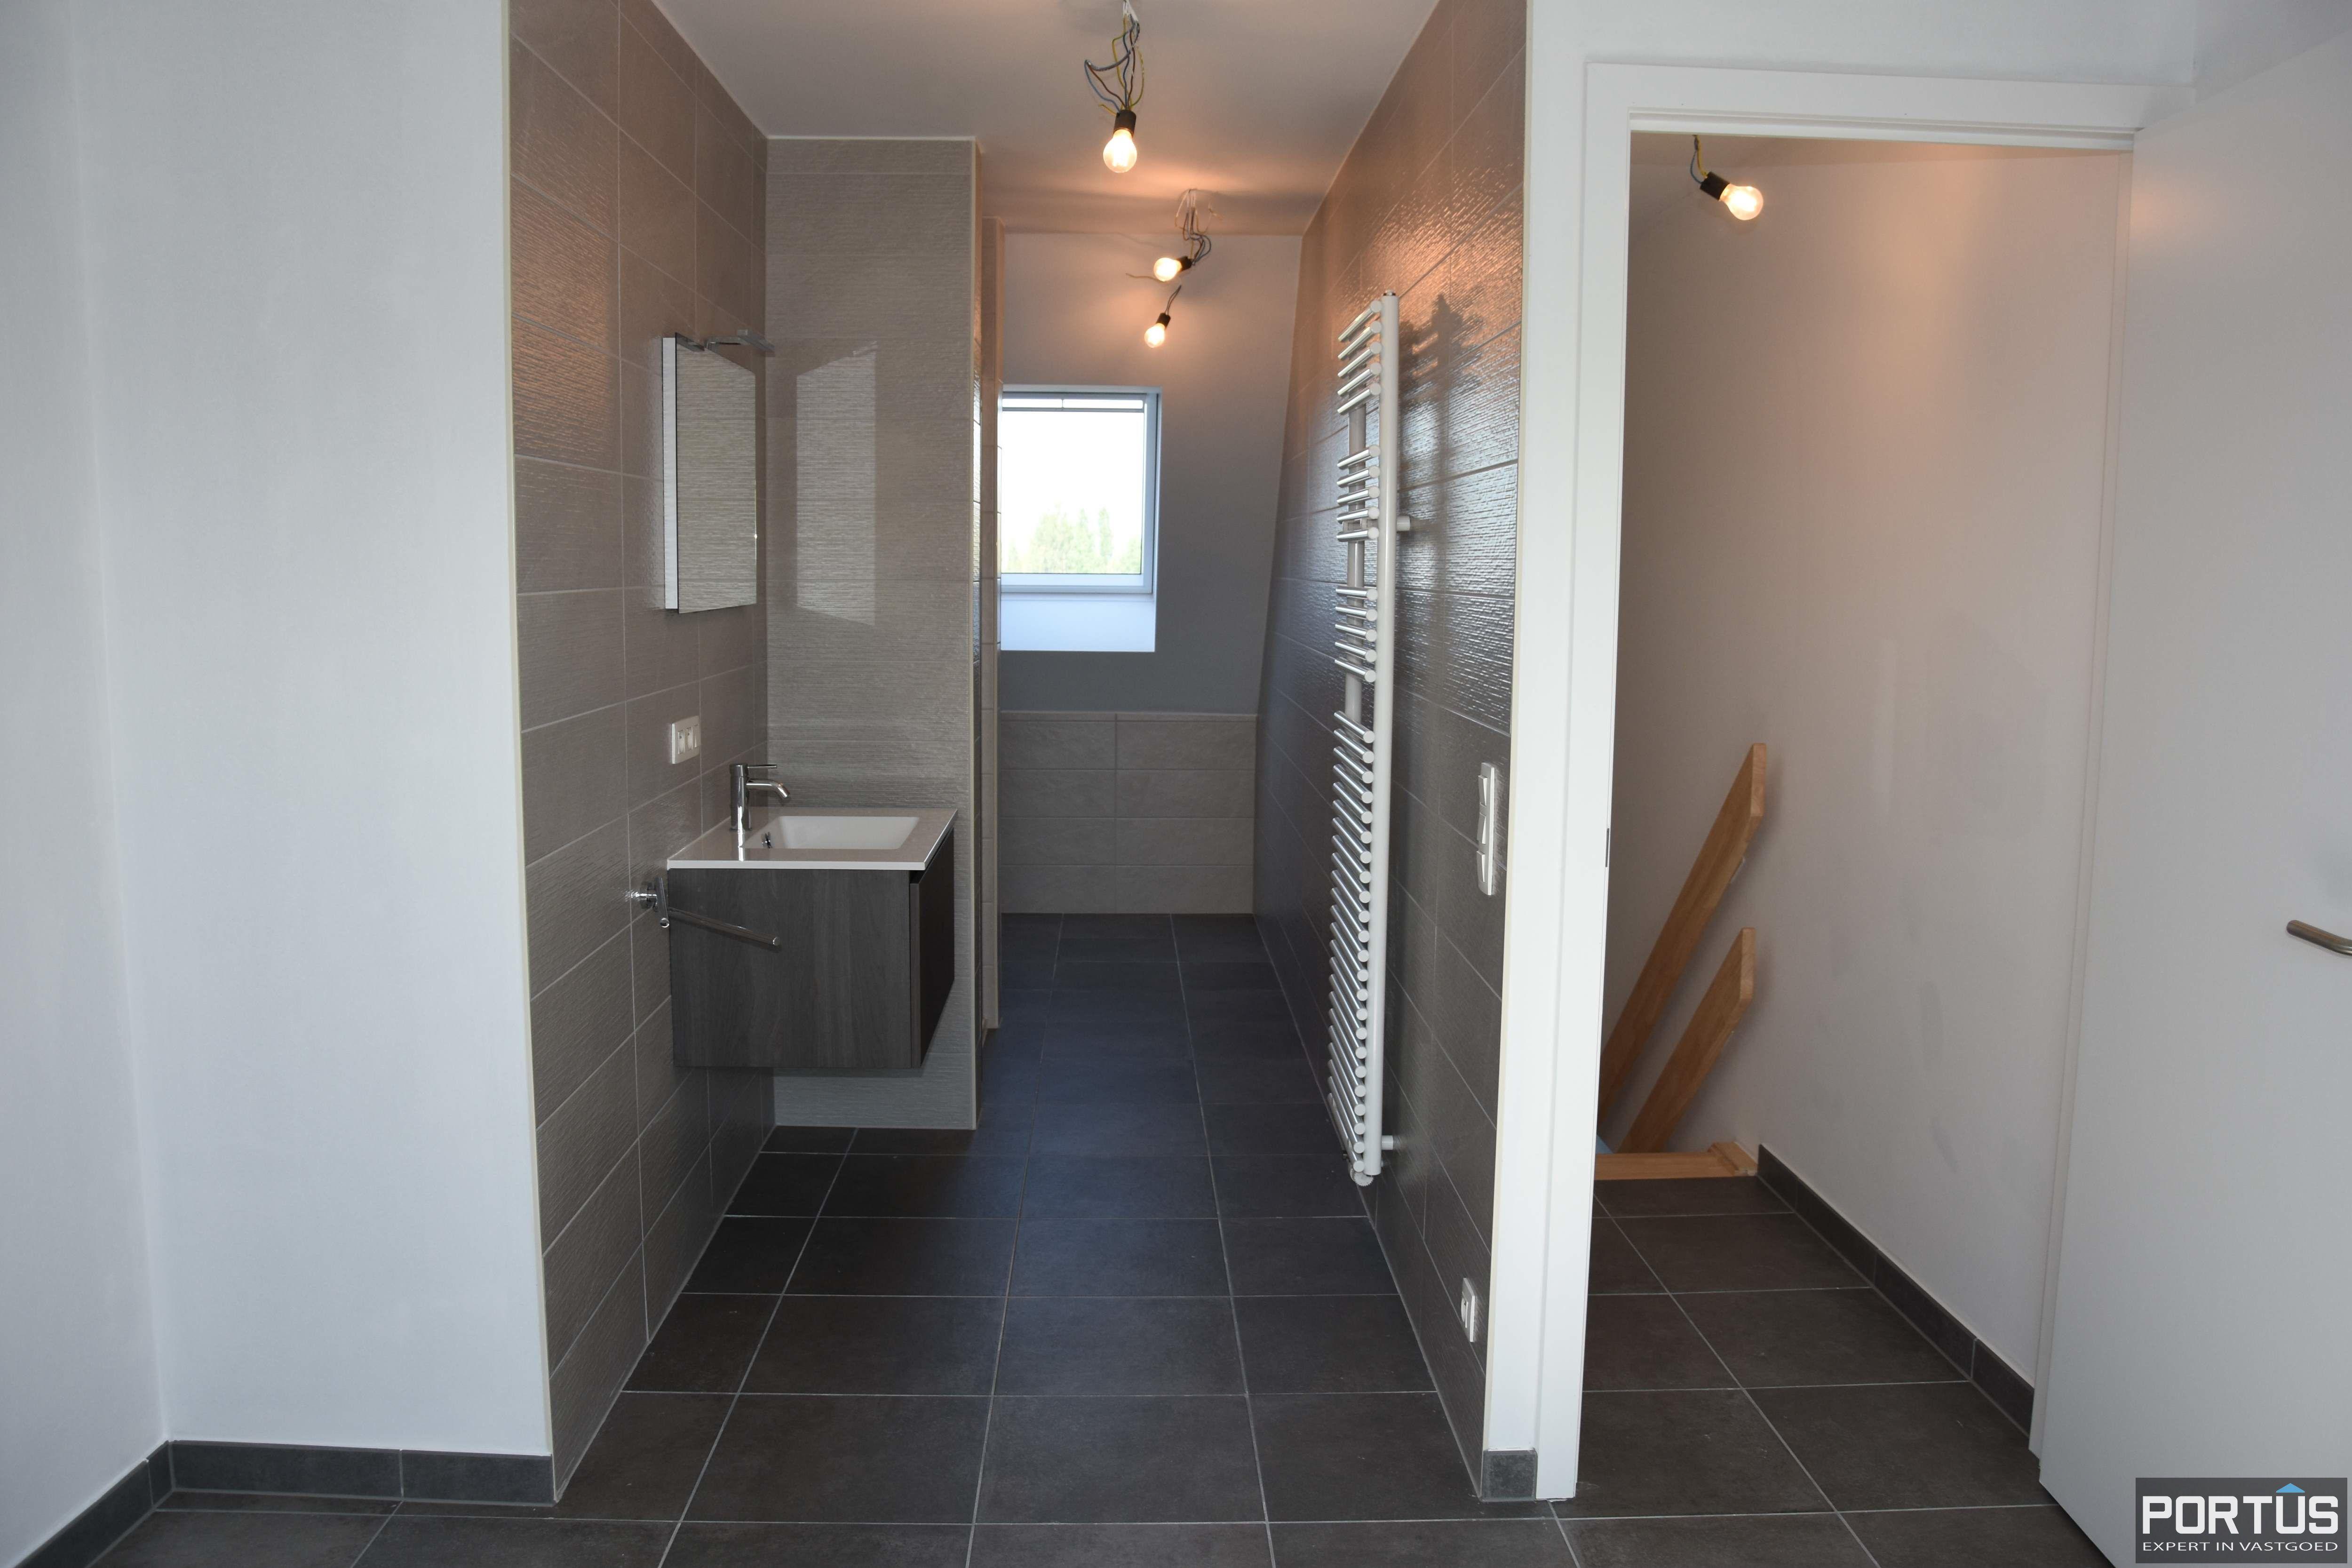 Nieuwbouw duplex-appartement met 2 slaapkamers te huur - 11010